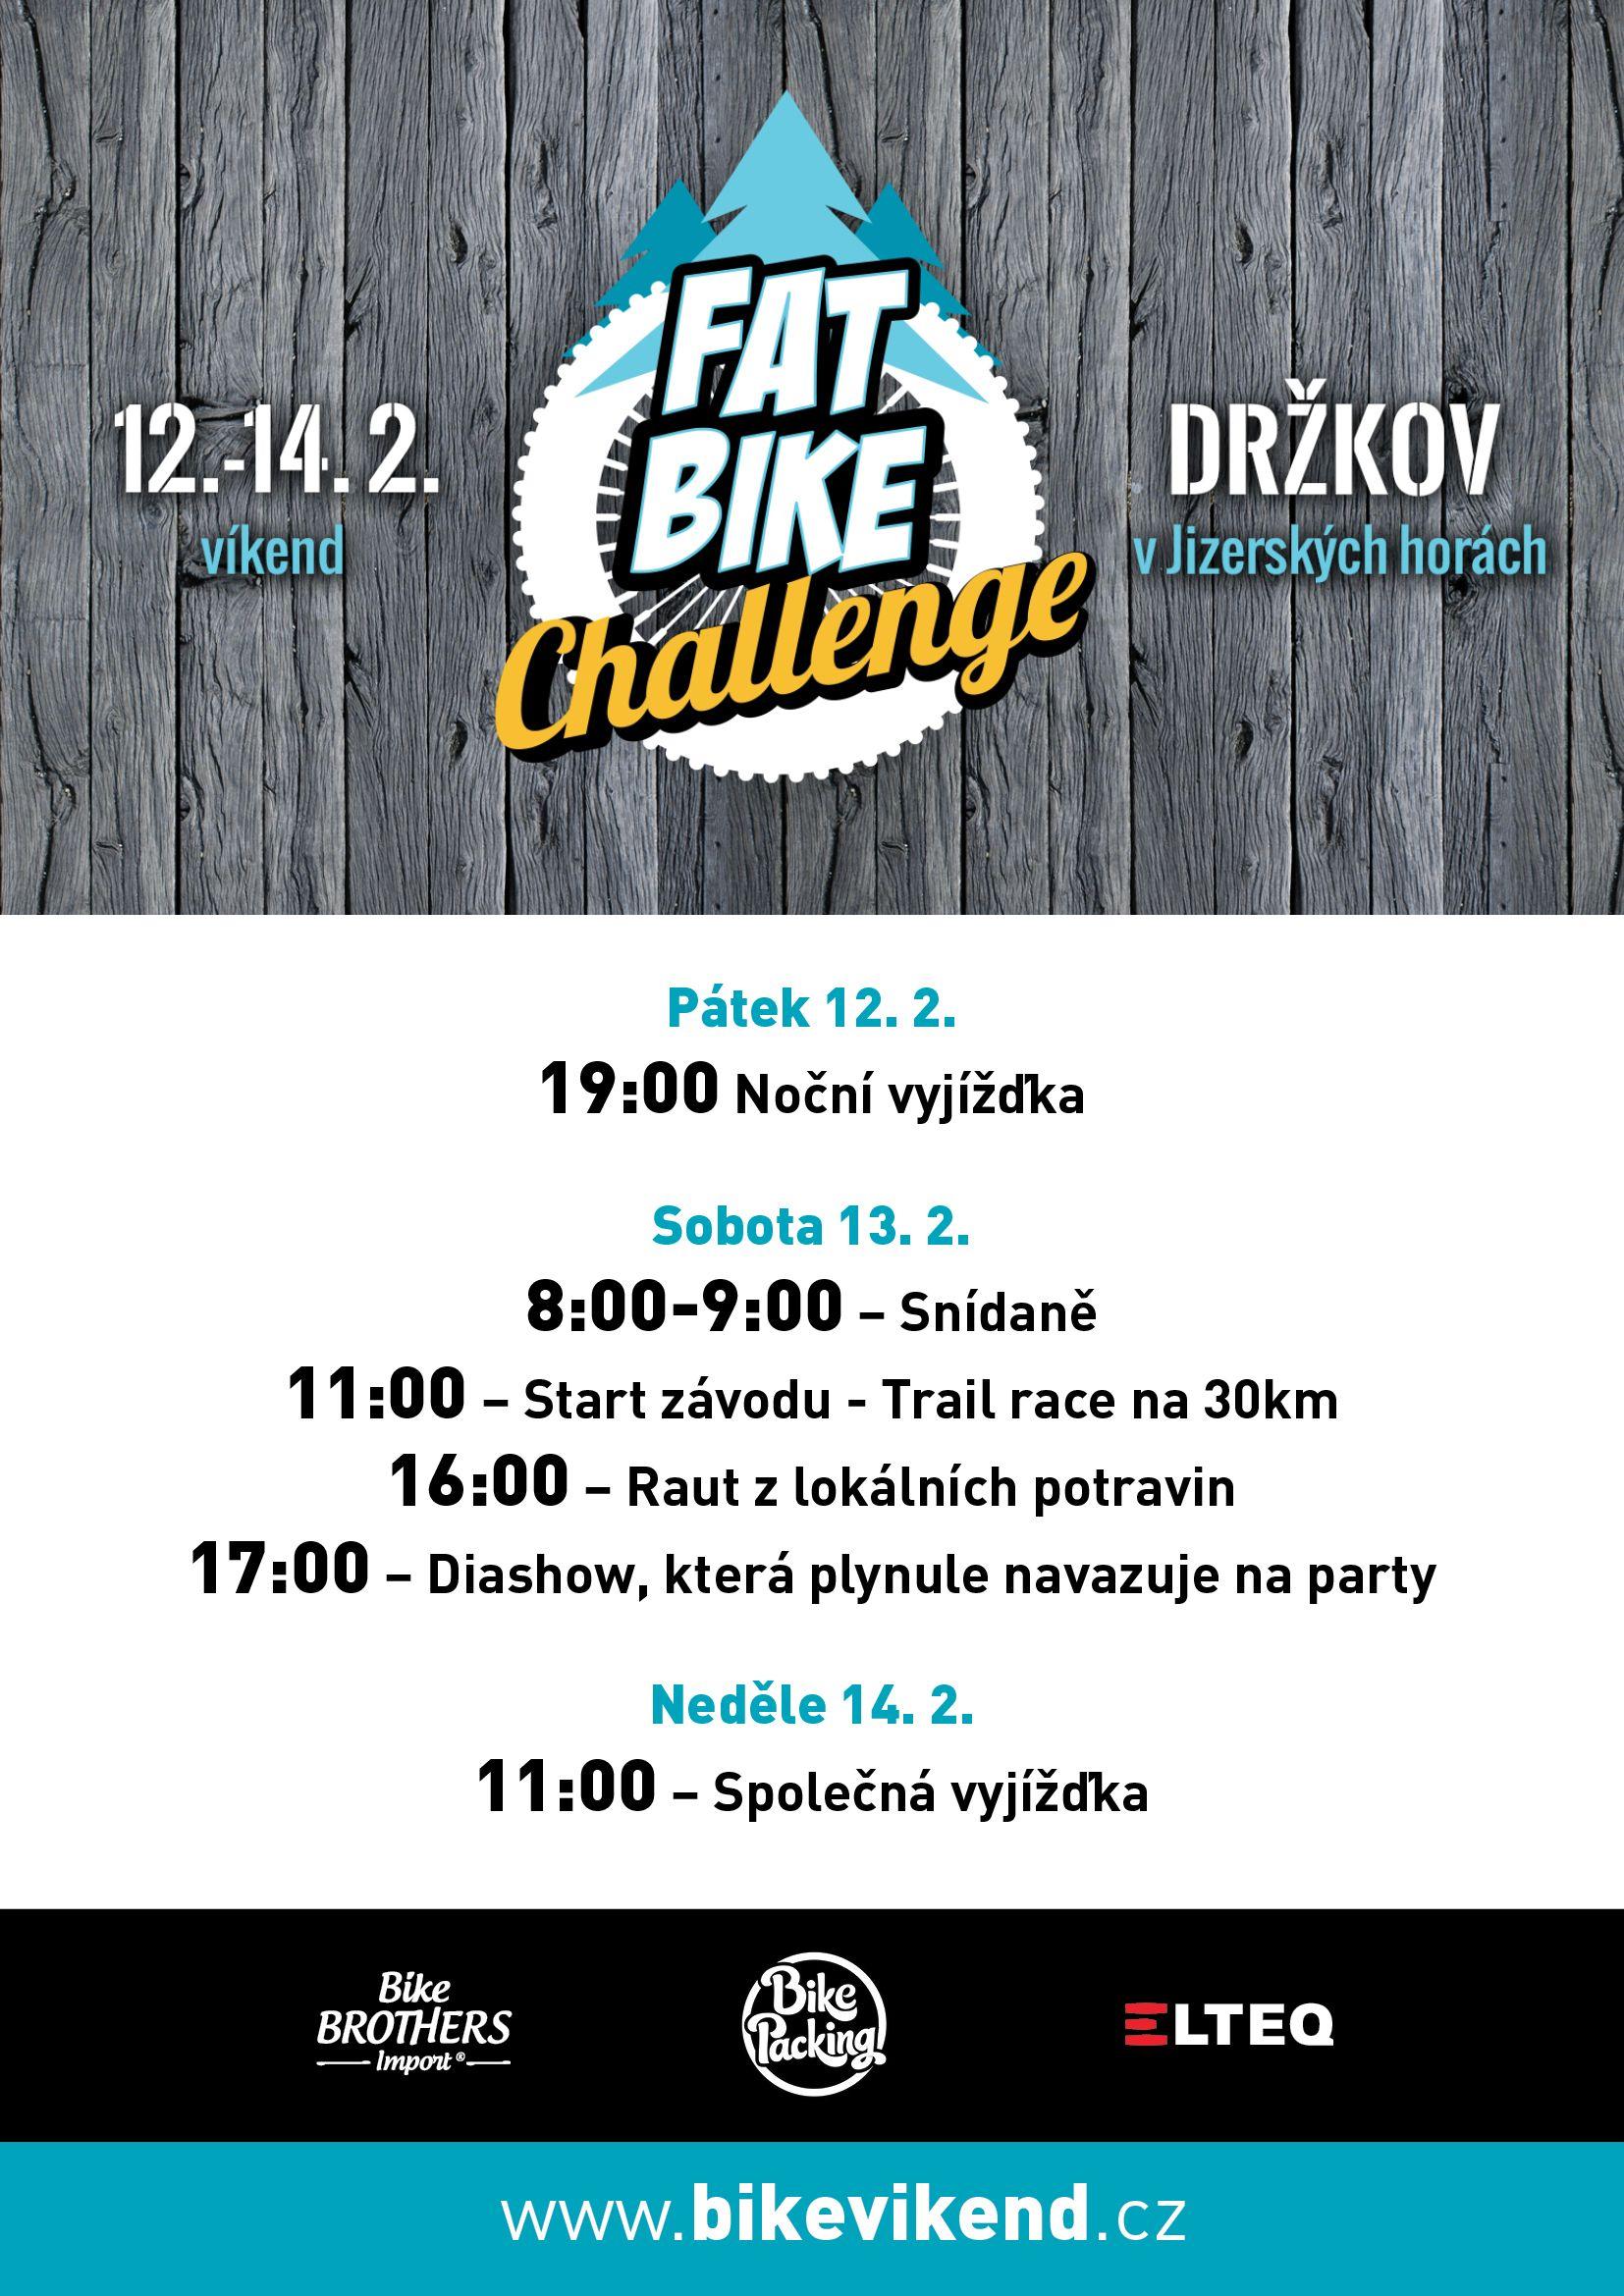 FATBIKE Challenge čeká!